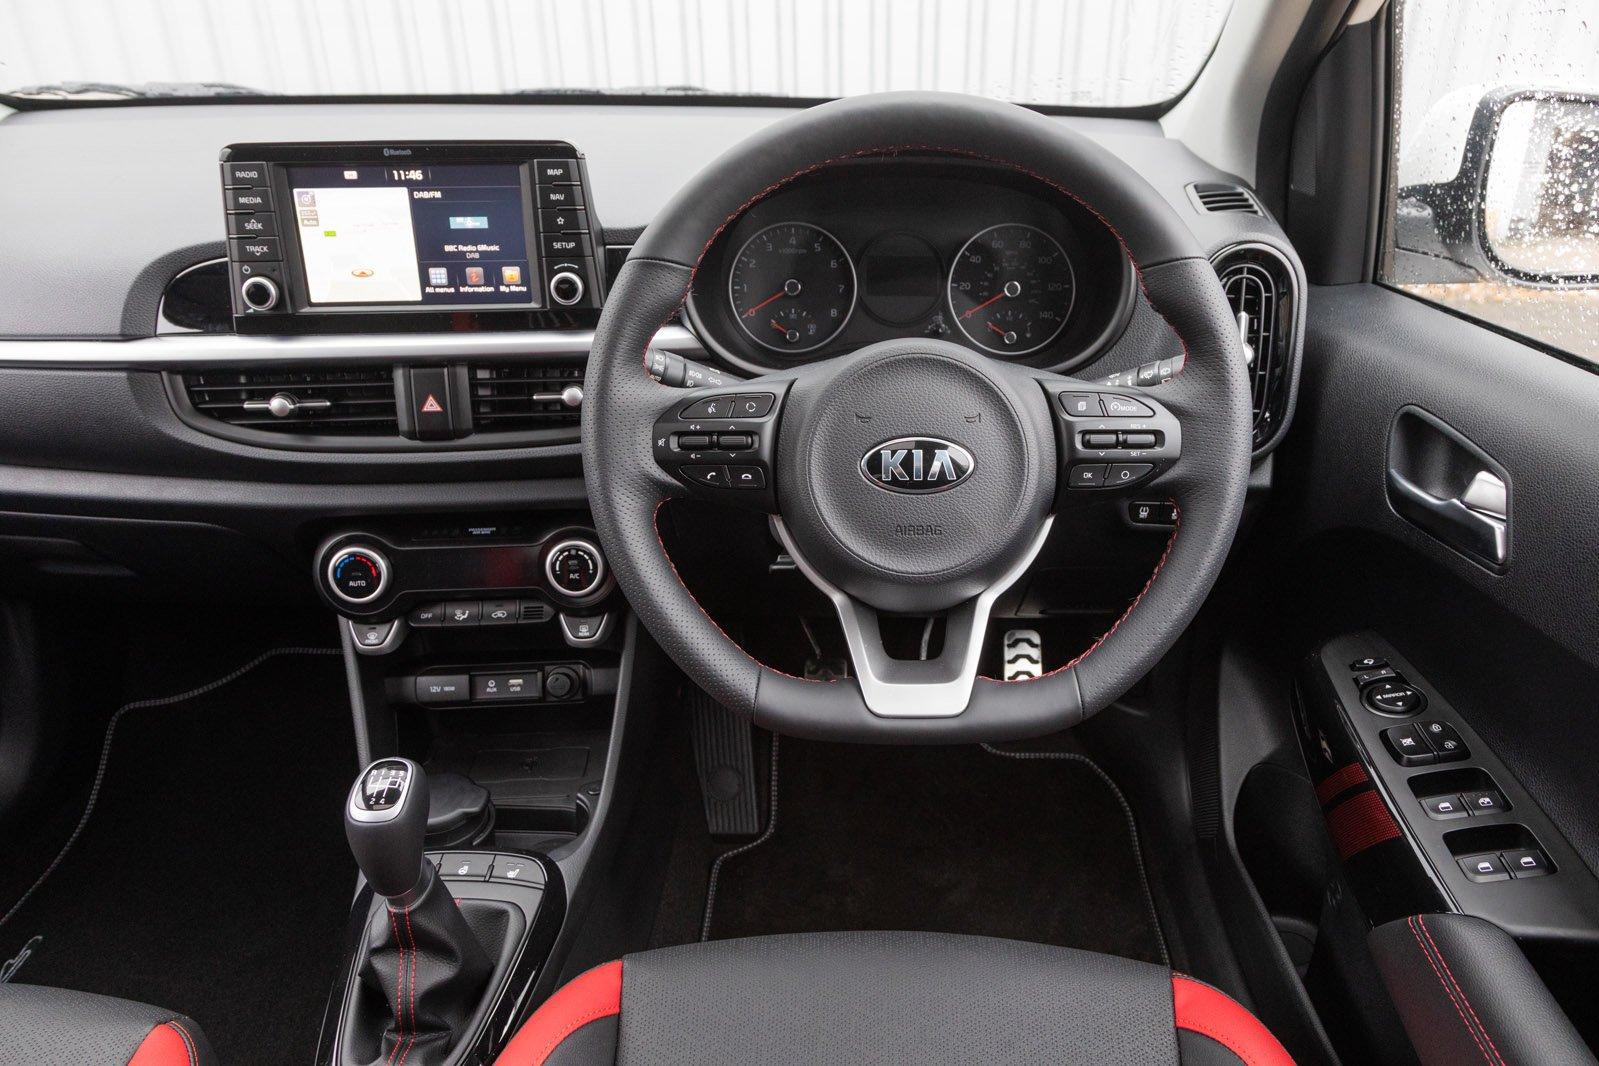 Kia Picanto 1.25 3 5dr auto - interior